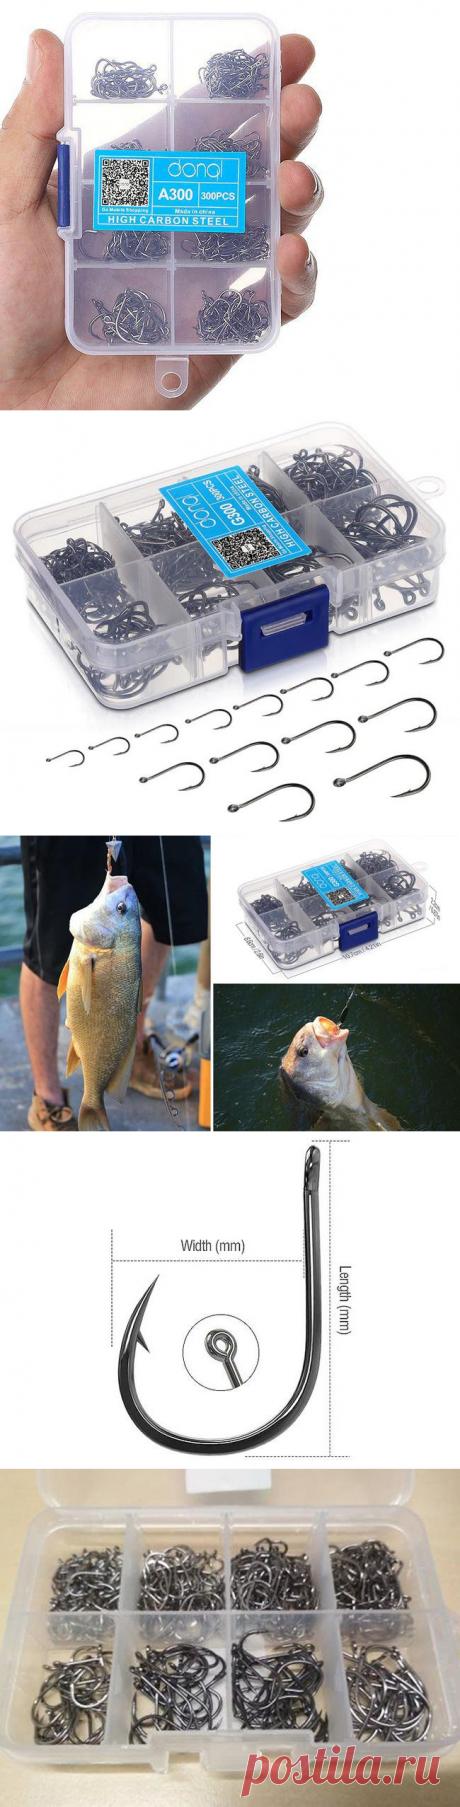 Комплект рыболовных крючков из высокоуглеродистой стали DONQL с Алиэкспресс   Super-Blog